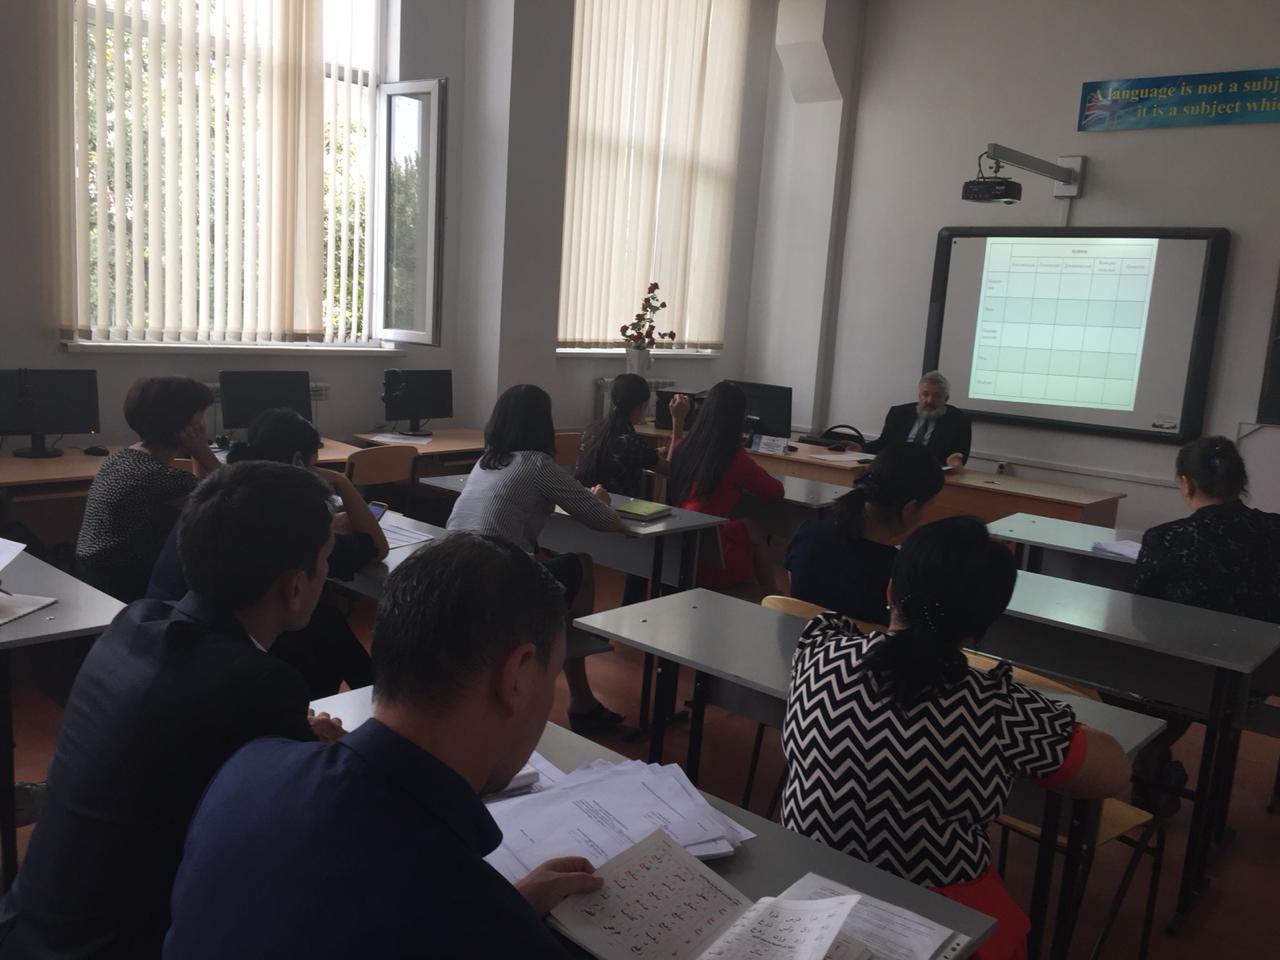 Сегодня третий день моей работы в качестве приглашённого гостя-профессора в Южно-Казахстанском педагогическом университете. Радуюсь человечески-внимательному к себе отношению.